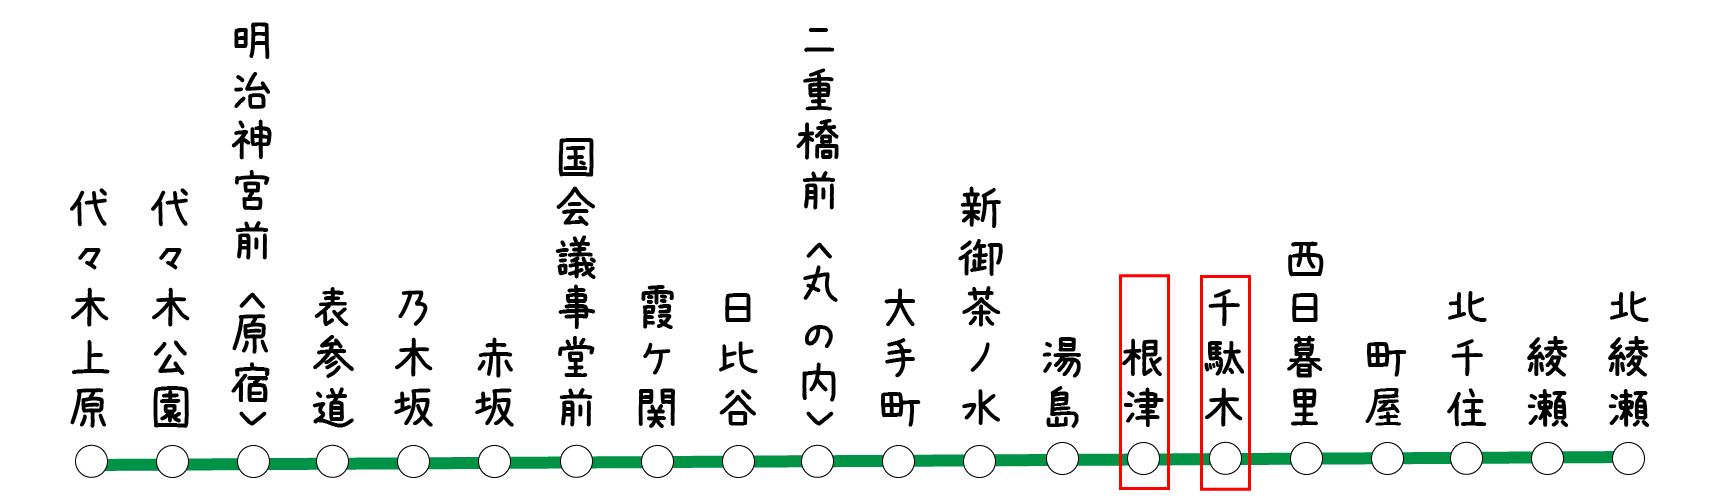 今回ご紹介するのは、千代田線の中の根津・千駄木エリアです。